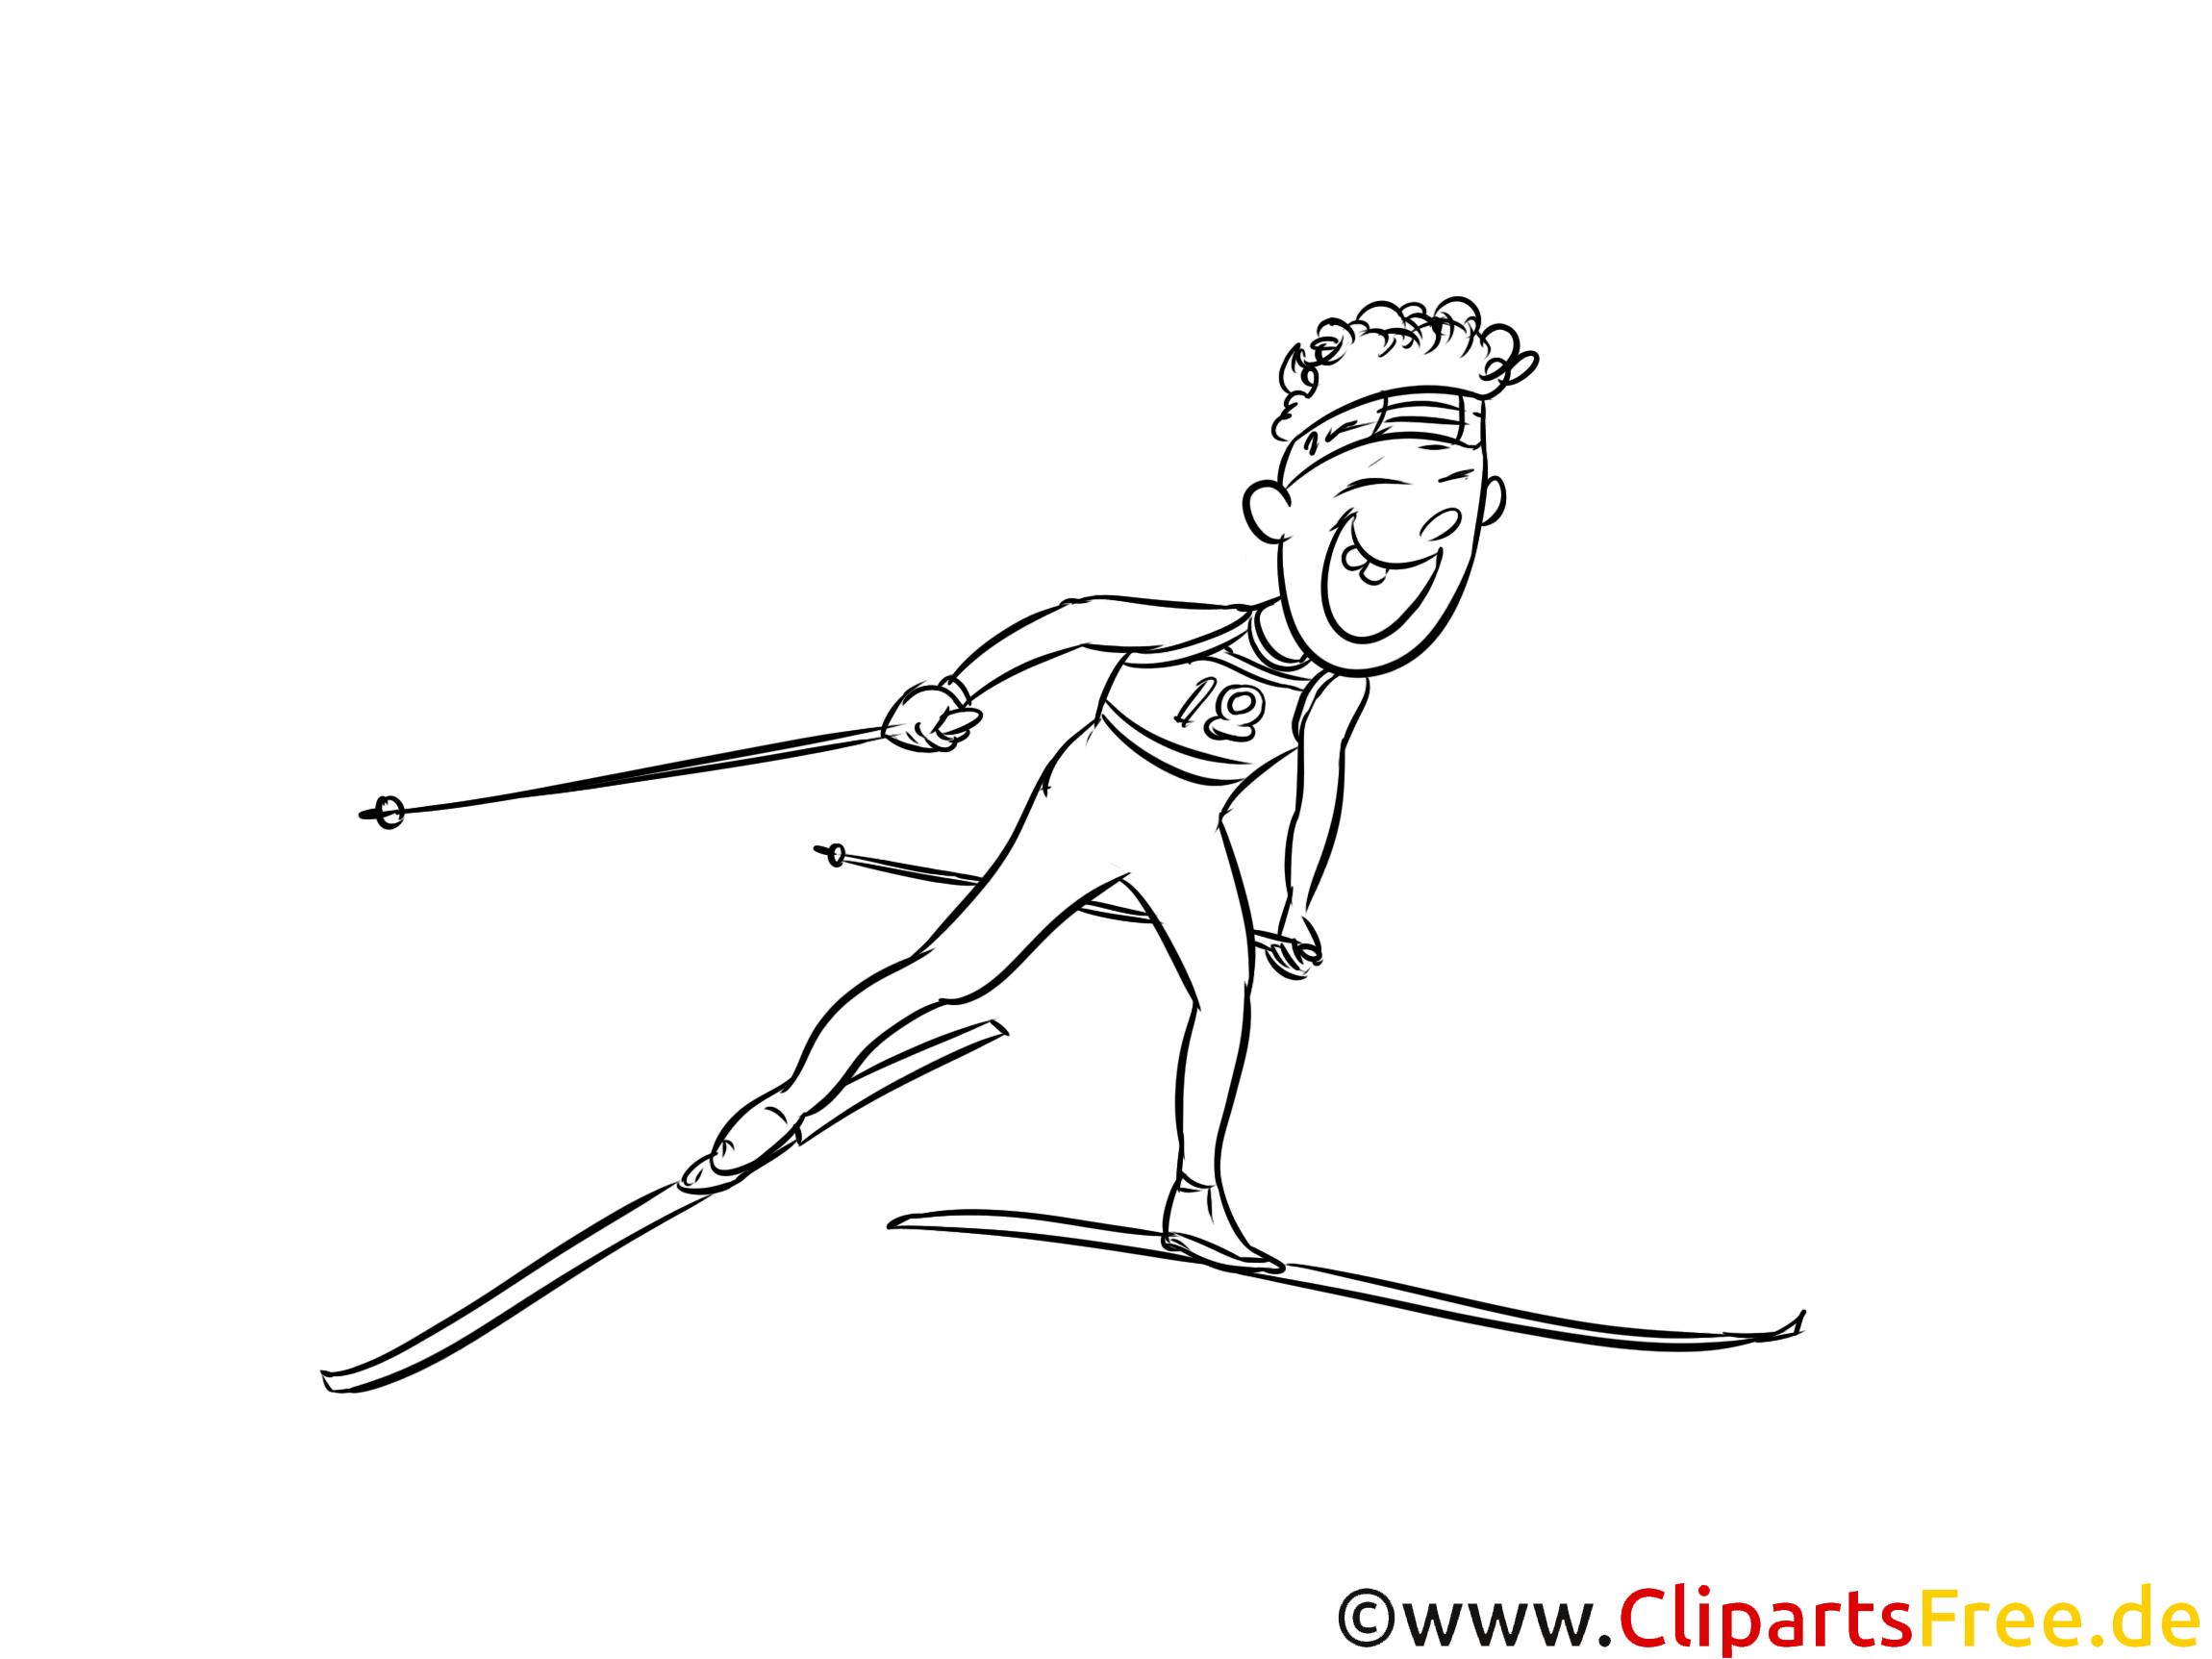 ski langlauf bild schwarzweiß illustration grafik zum